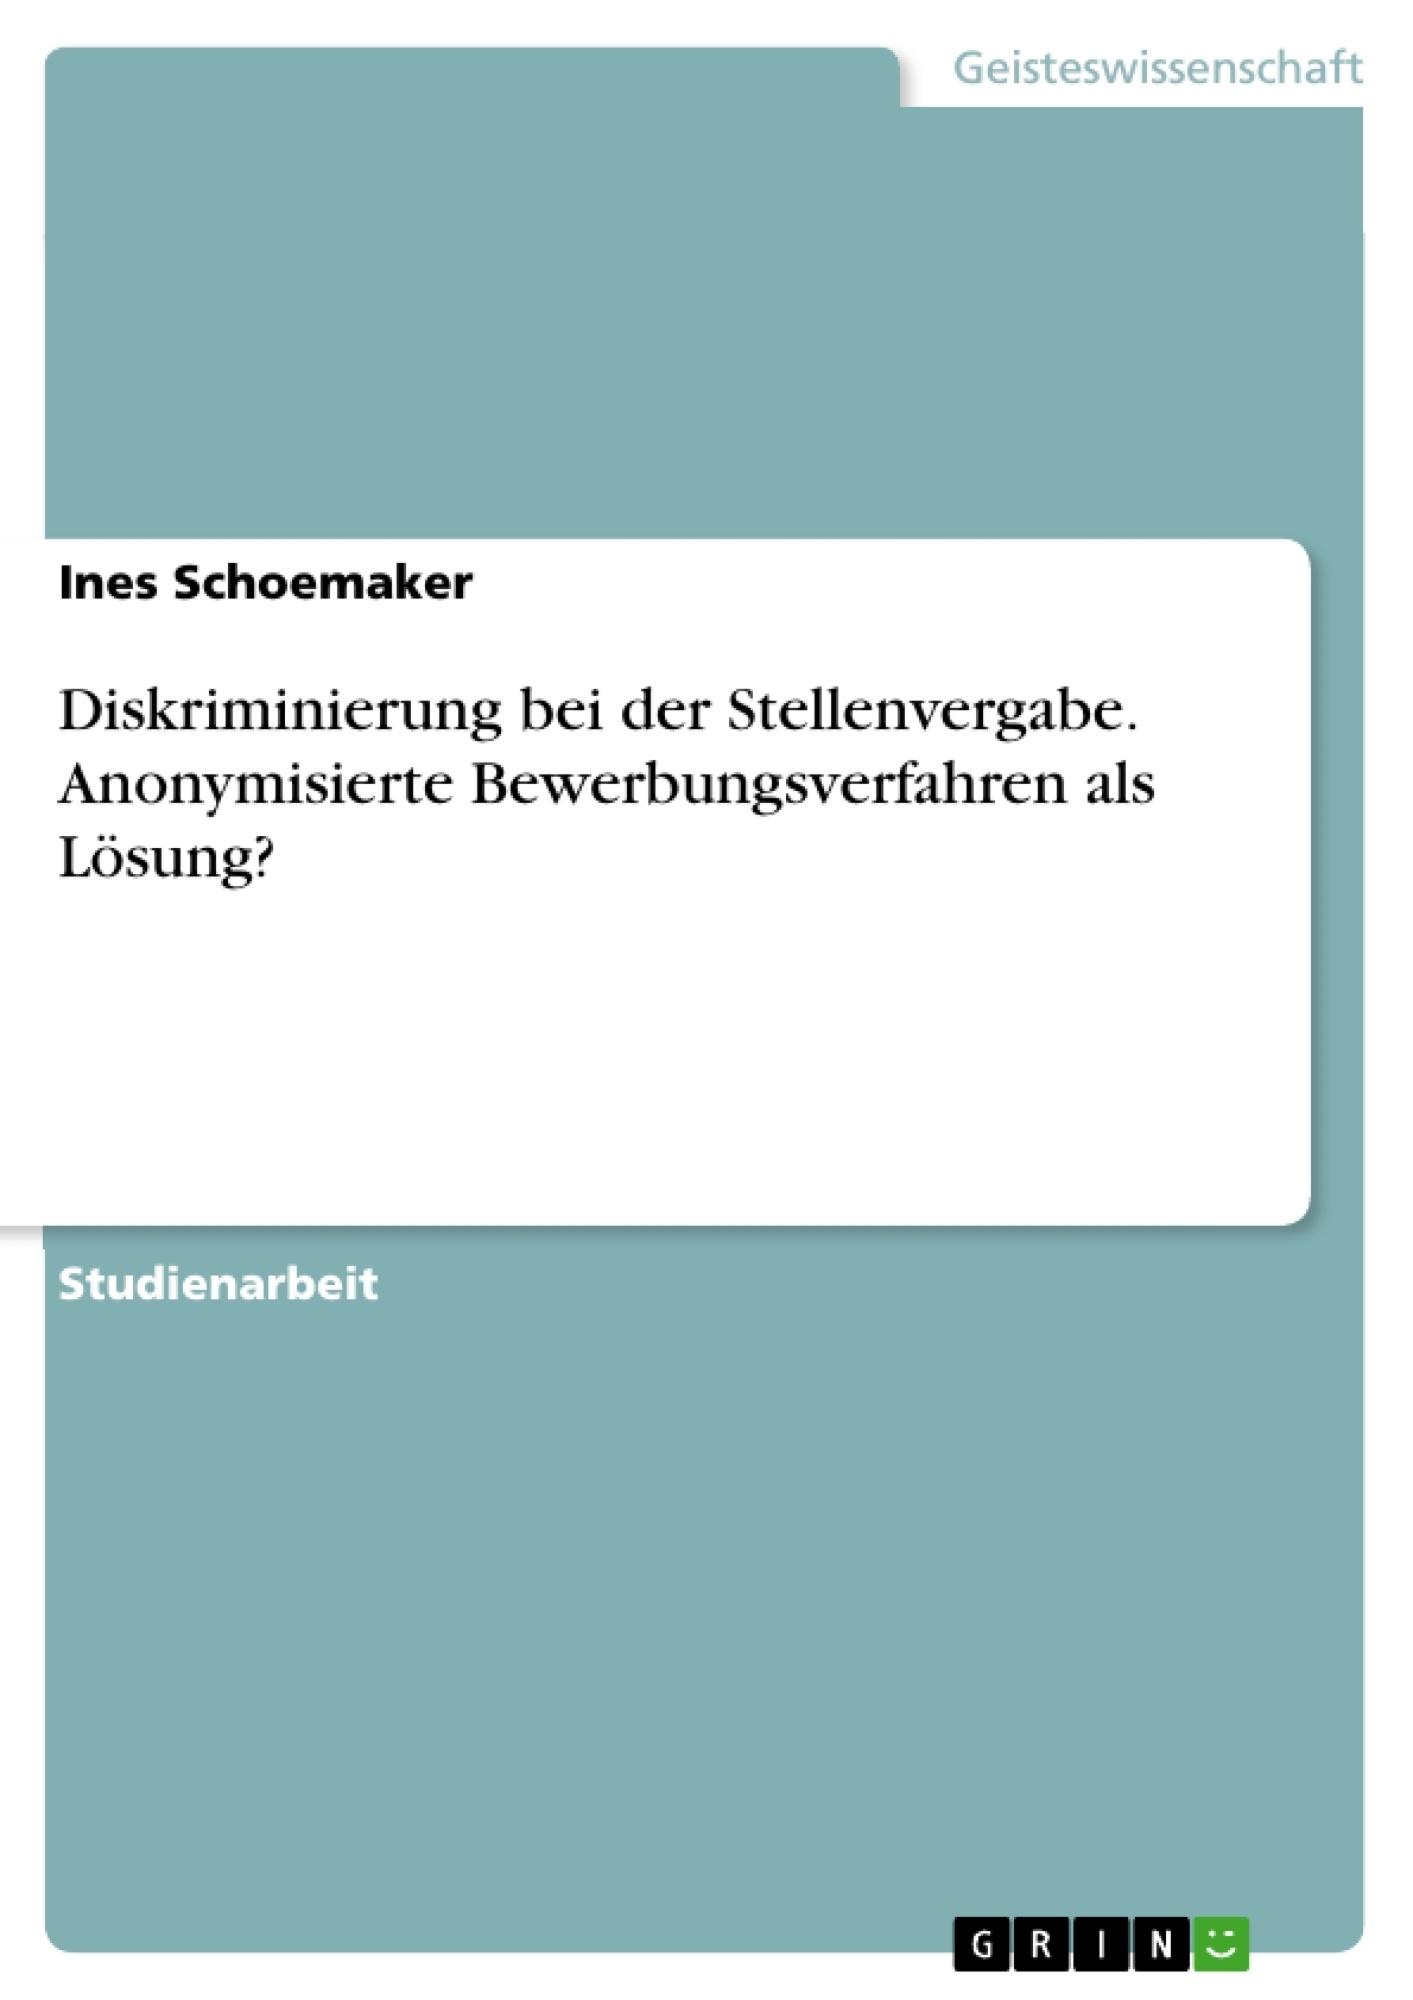 Titel: Diskriminierung bei der Stellenvergabe. Anonymisierte Bewerbungsverfahren als Lösung?